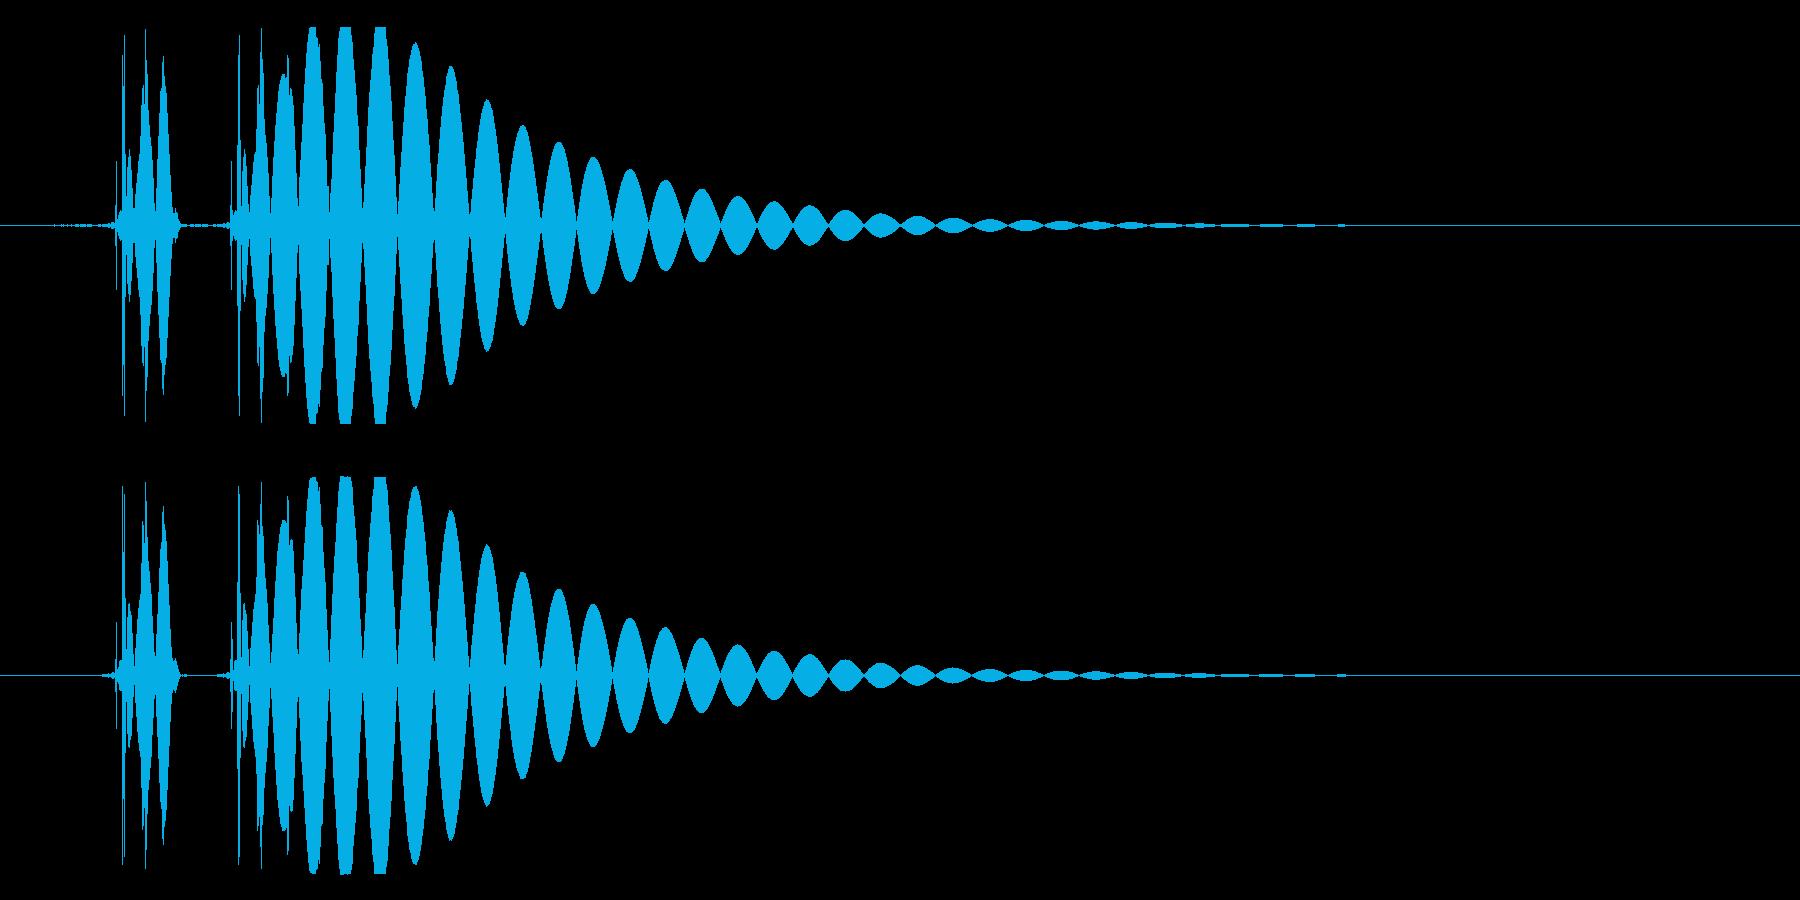 EDM/IDM系の埋もれないバスドラム1の再生済みの波形